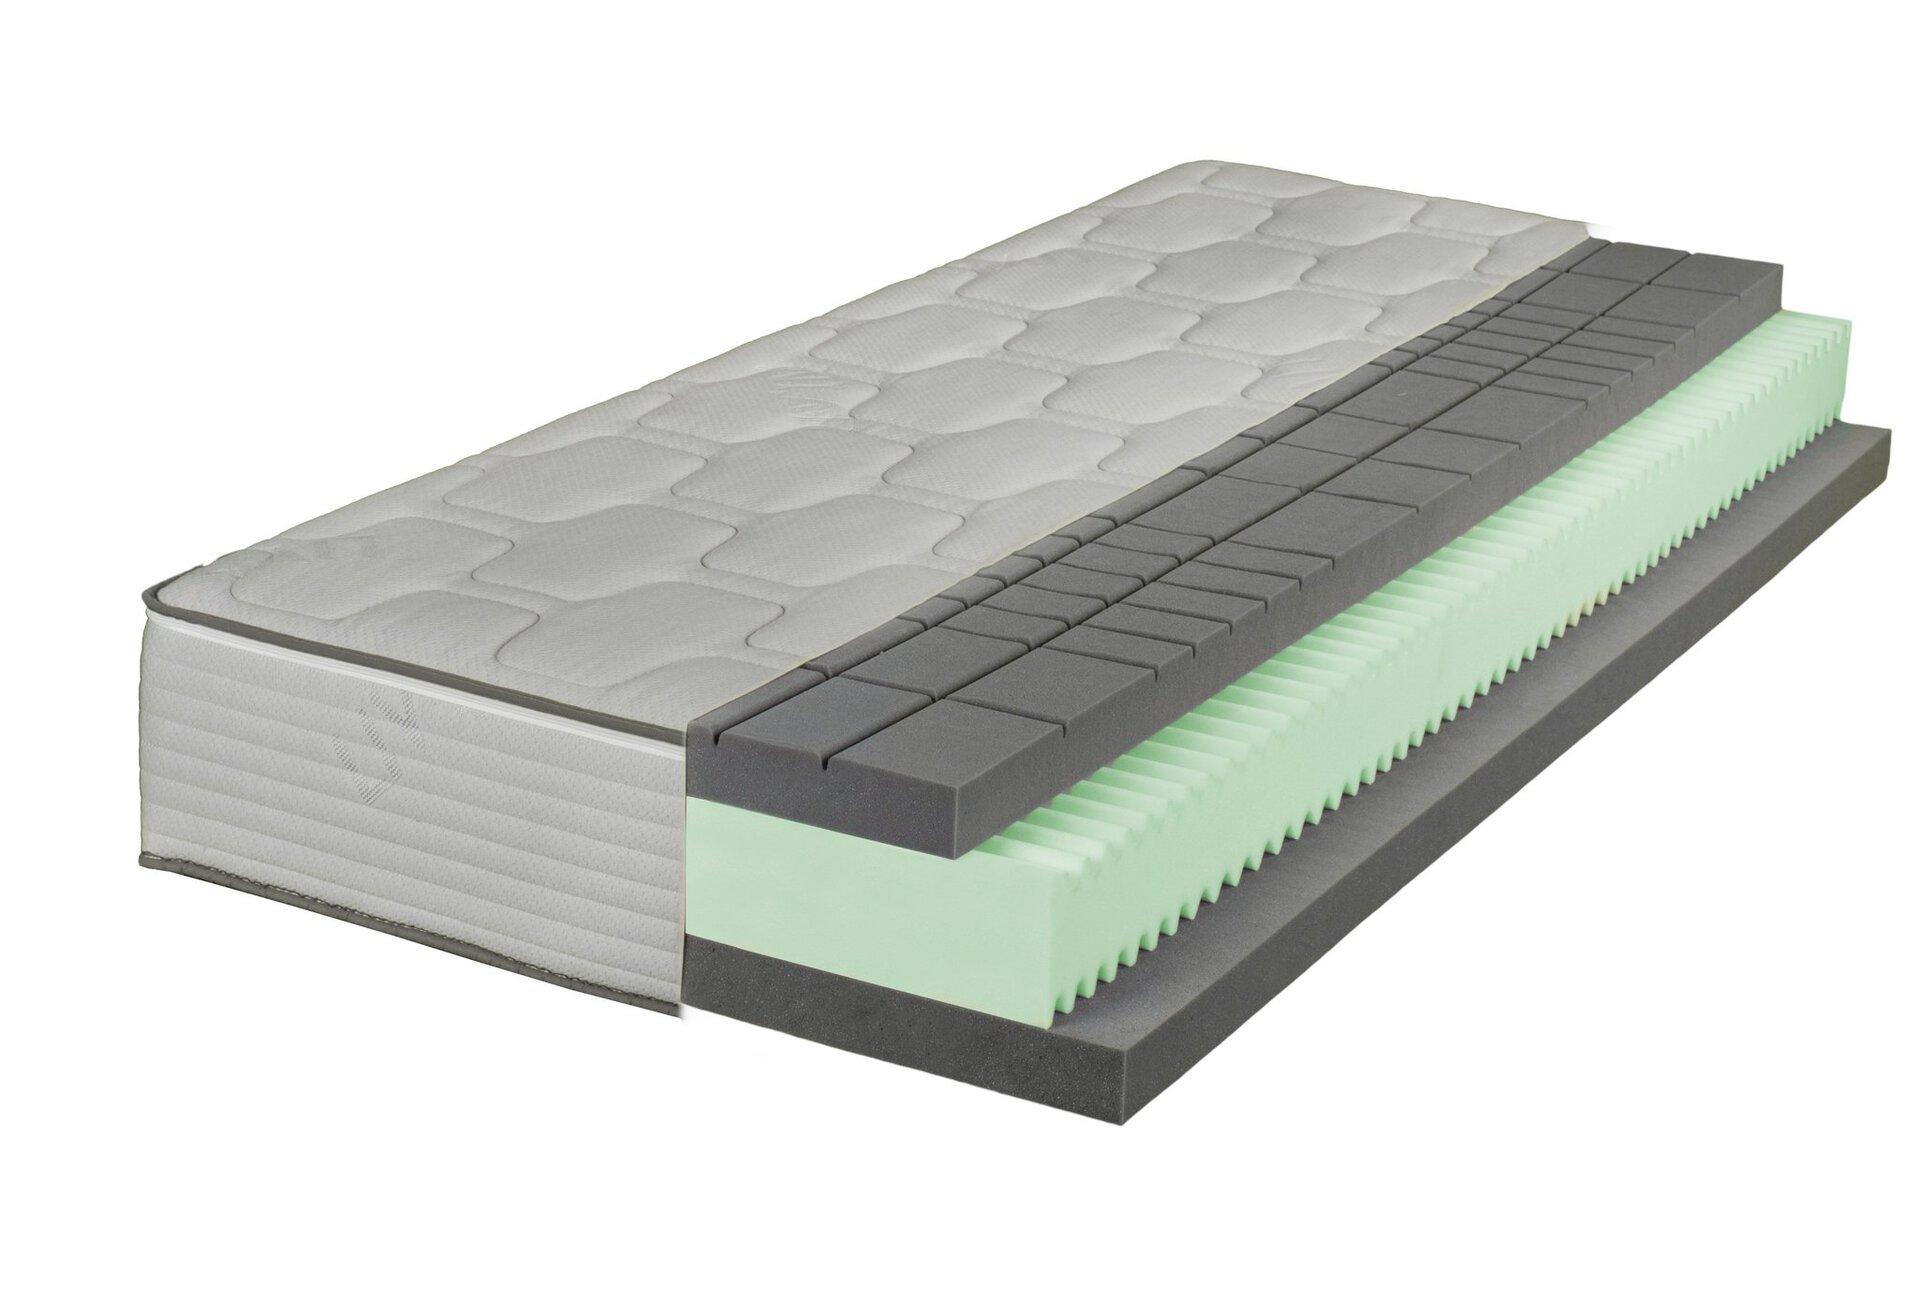 Komfortschaummatratze SAPPORO LIV'IN LIV'IN Textil weiß 200 x 26 x 90 cm